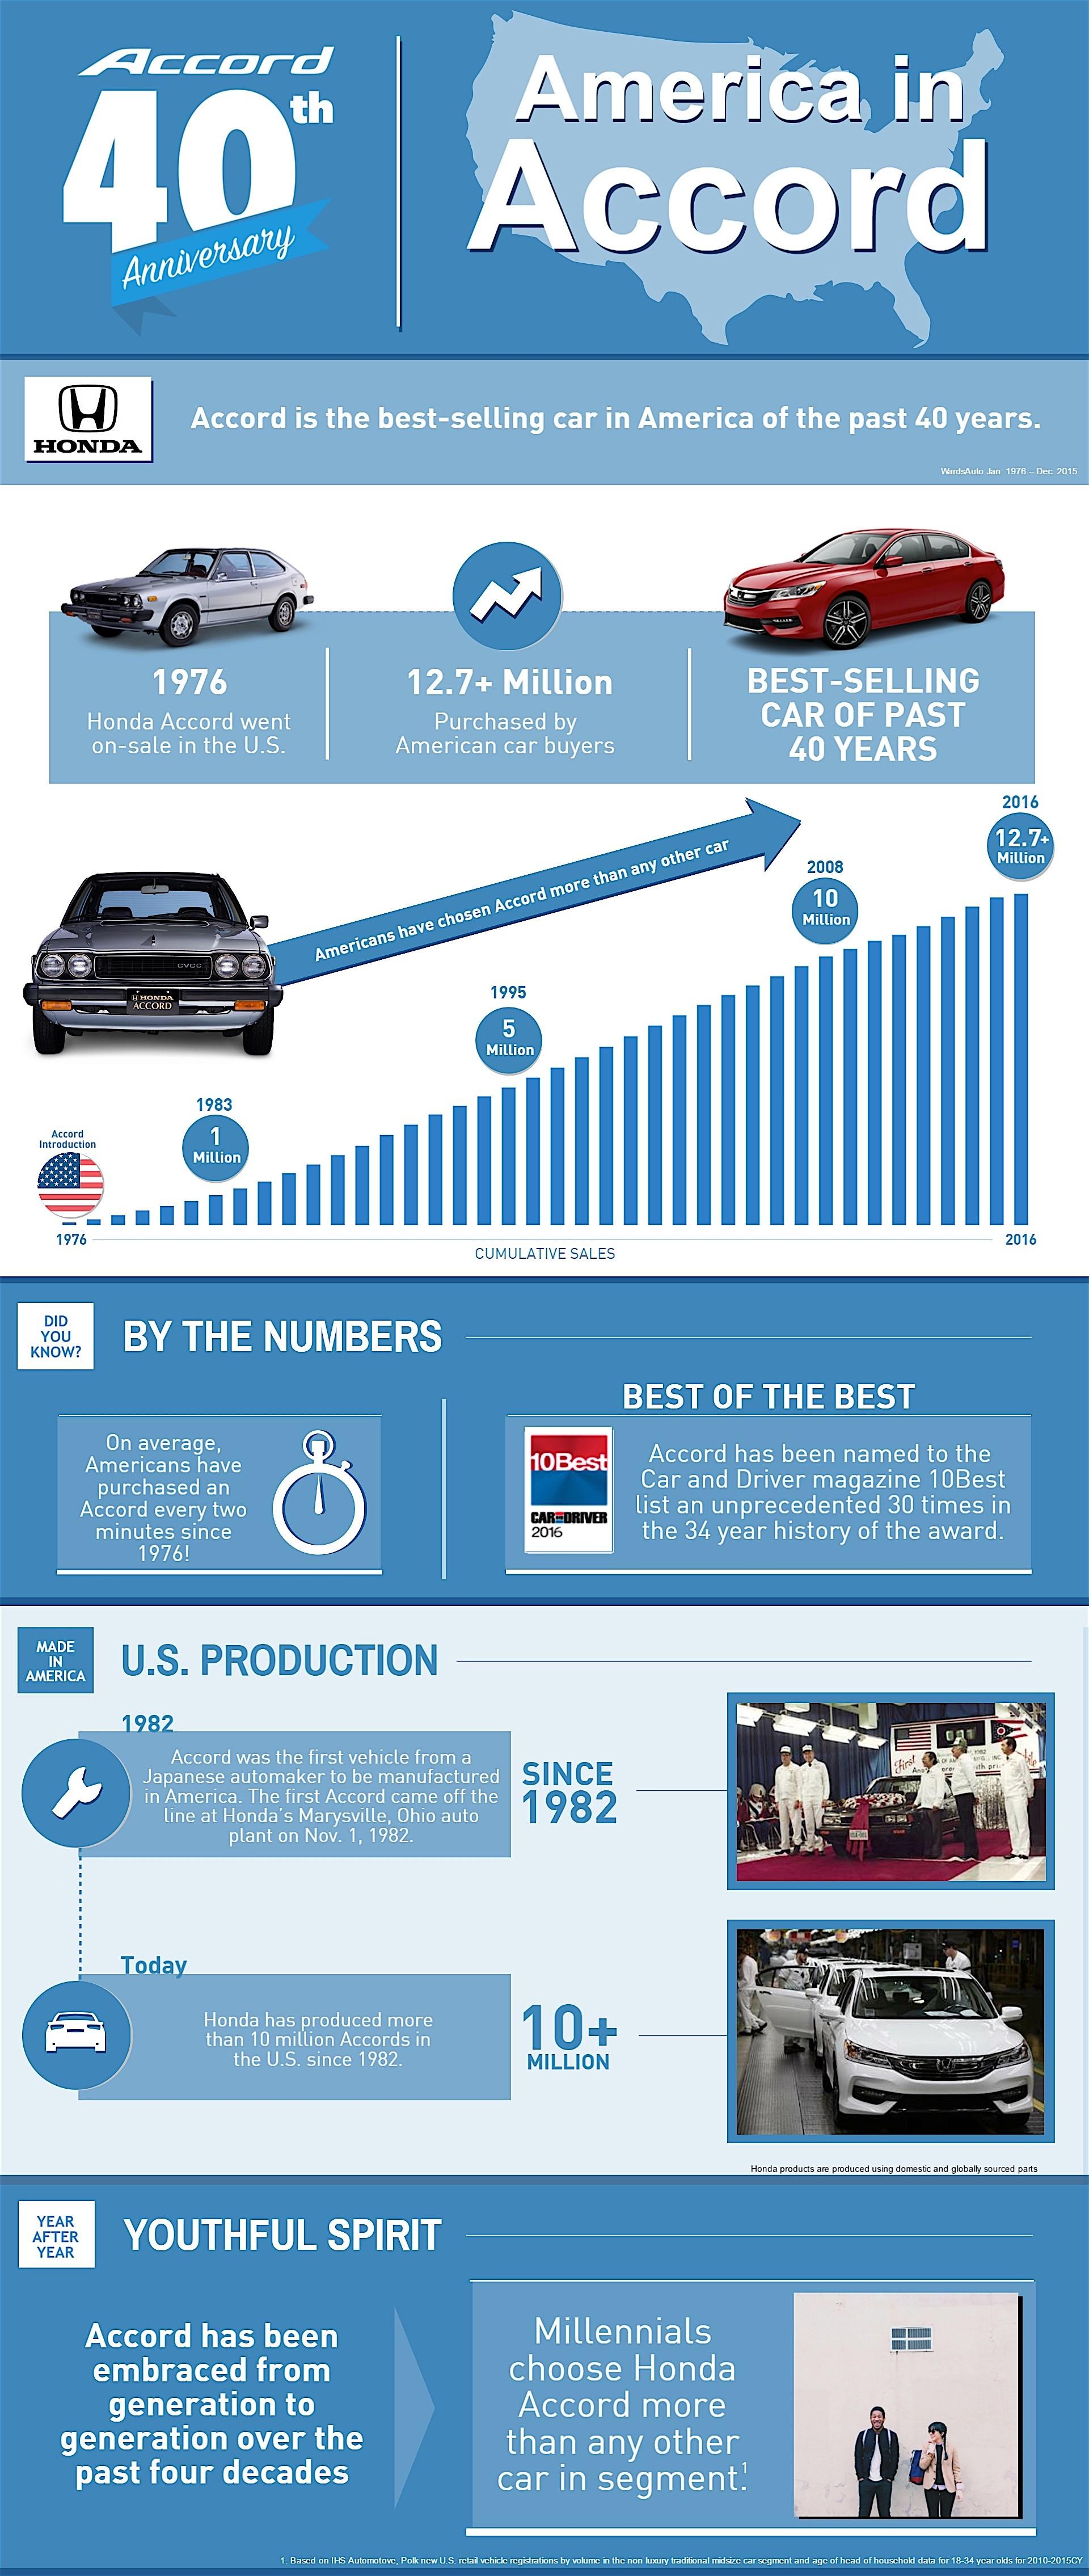 image four oil partslist direct sales european honda view buy pump large